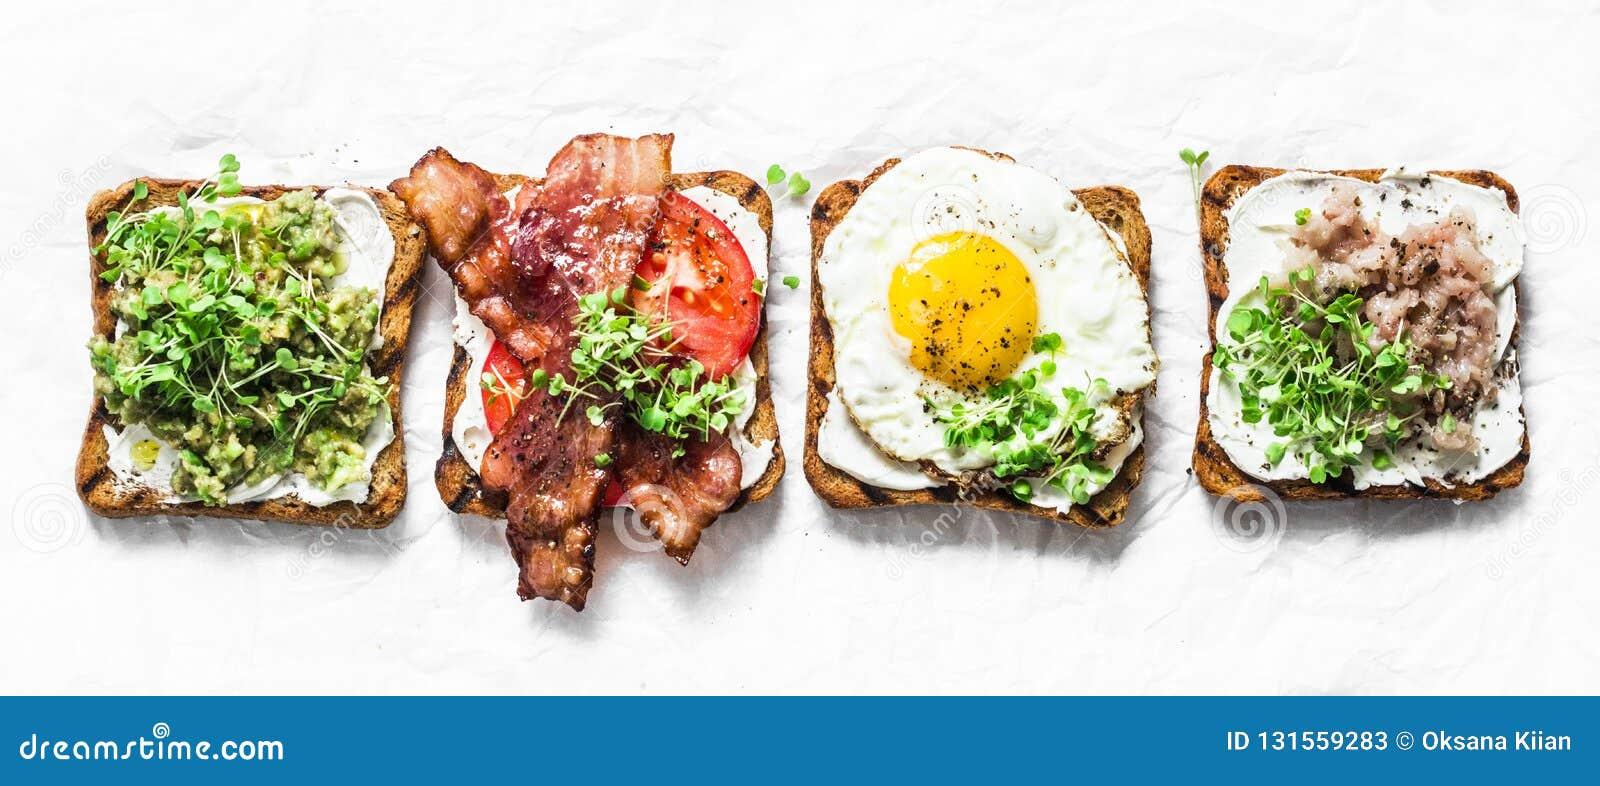 Rozmaitość kanapki dla śniadania, przekąska, zakąski - avocado puree, smażył jajko, pomidory, bekon, ser, uwędzona makrela